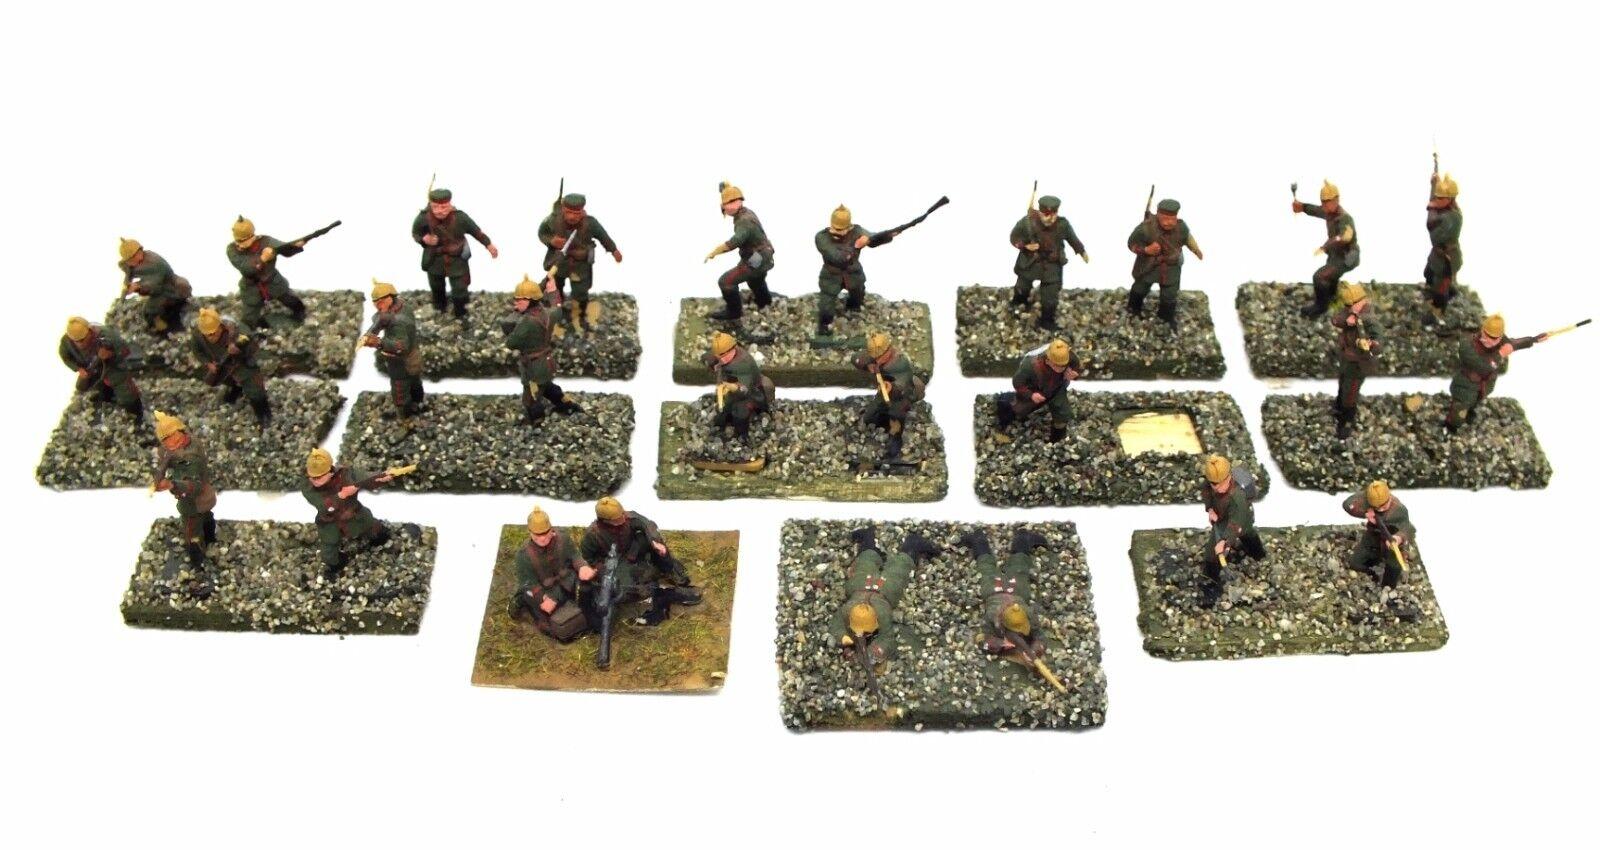 Airfix - German infantry (WWI) - 1 72